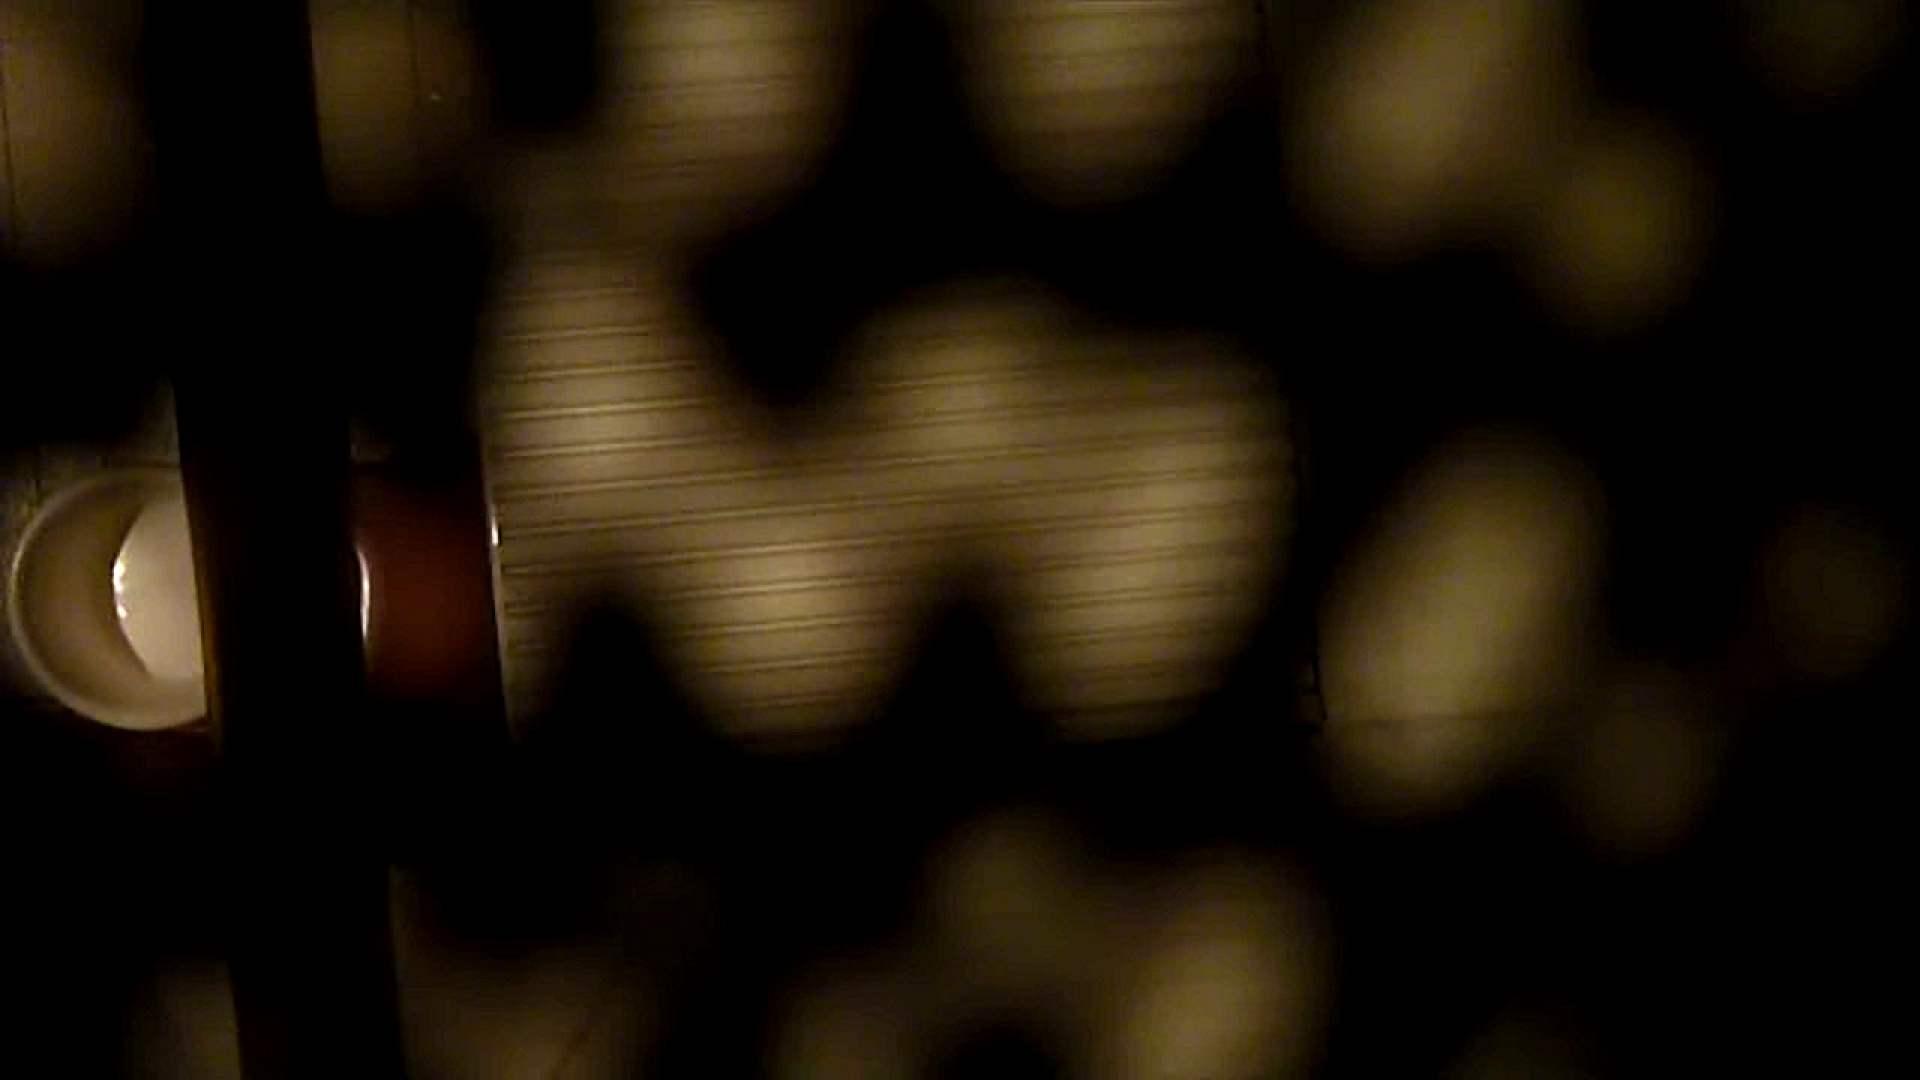 vol.1 Mayumi 窓越しに入浴シーン撮影に成功 入浴 おまんこ動画流出 60連発 44